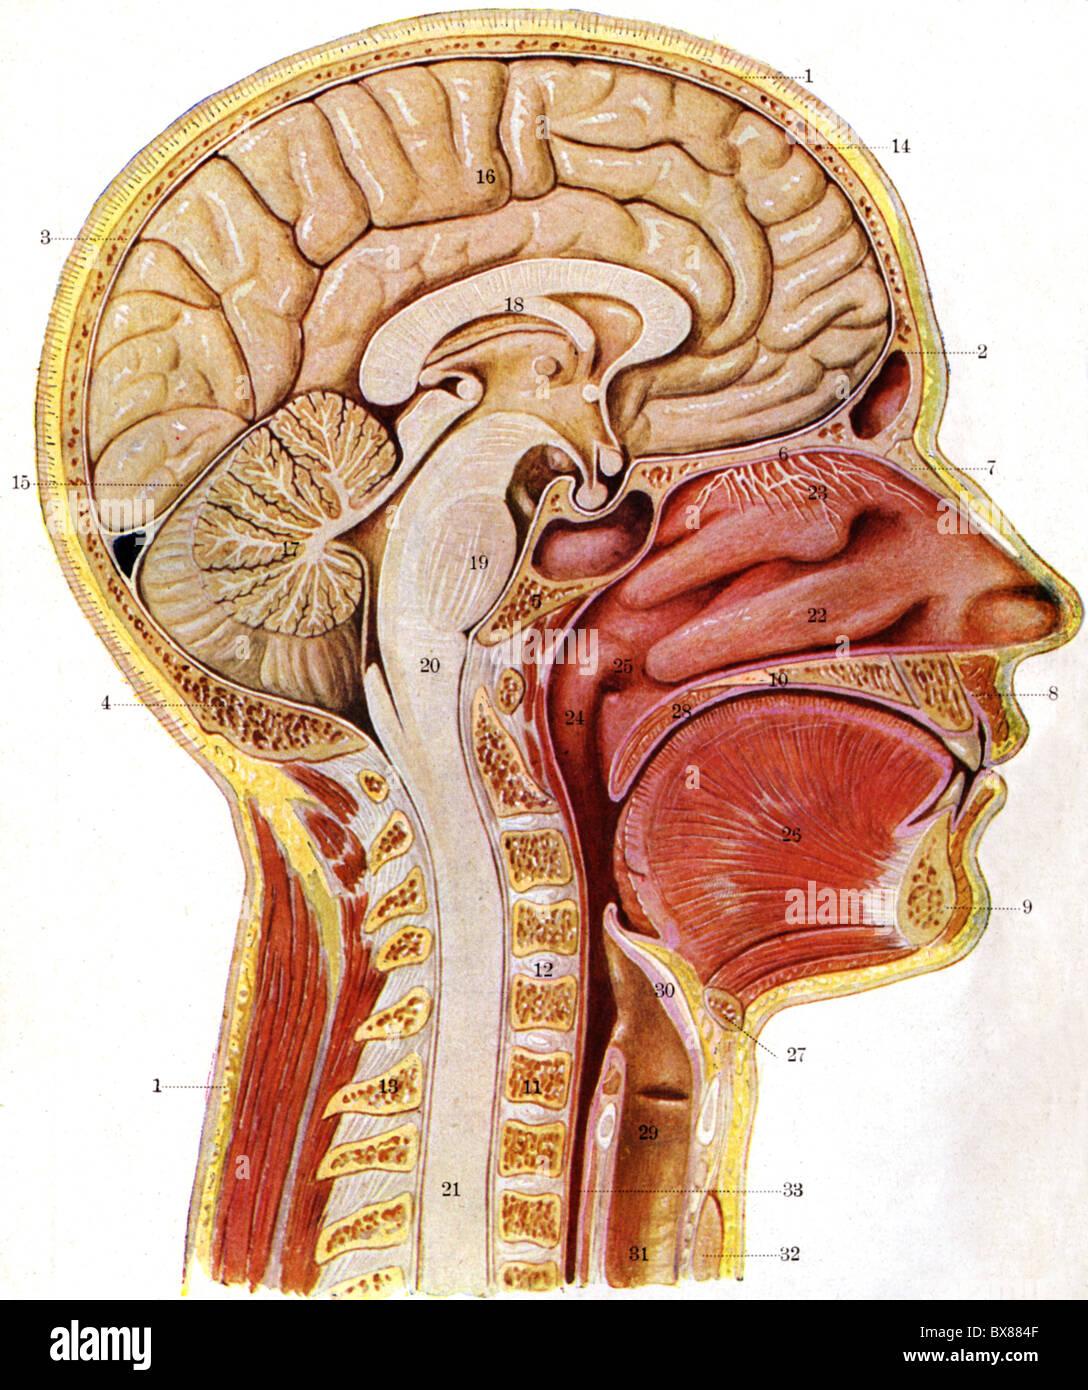 La medicina, la anatomía, los músculos, la musculatura del cuerpo ...